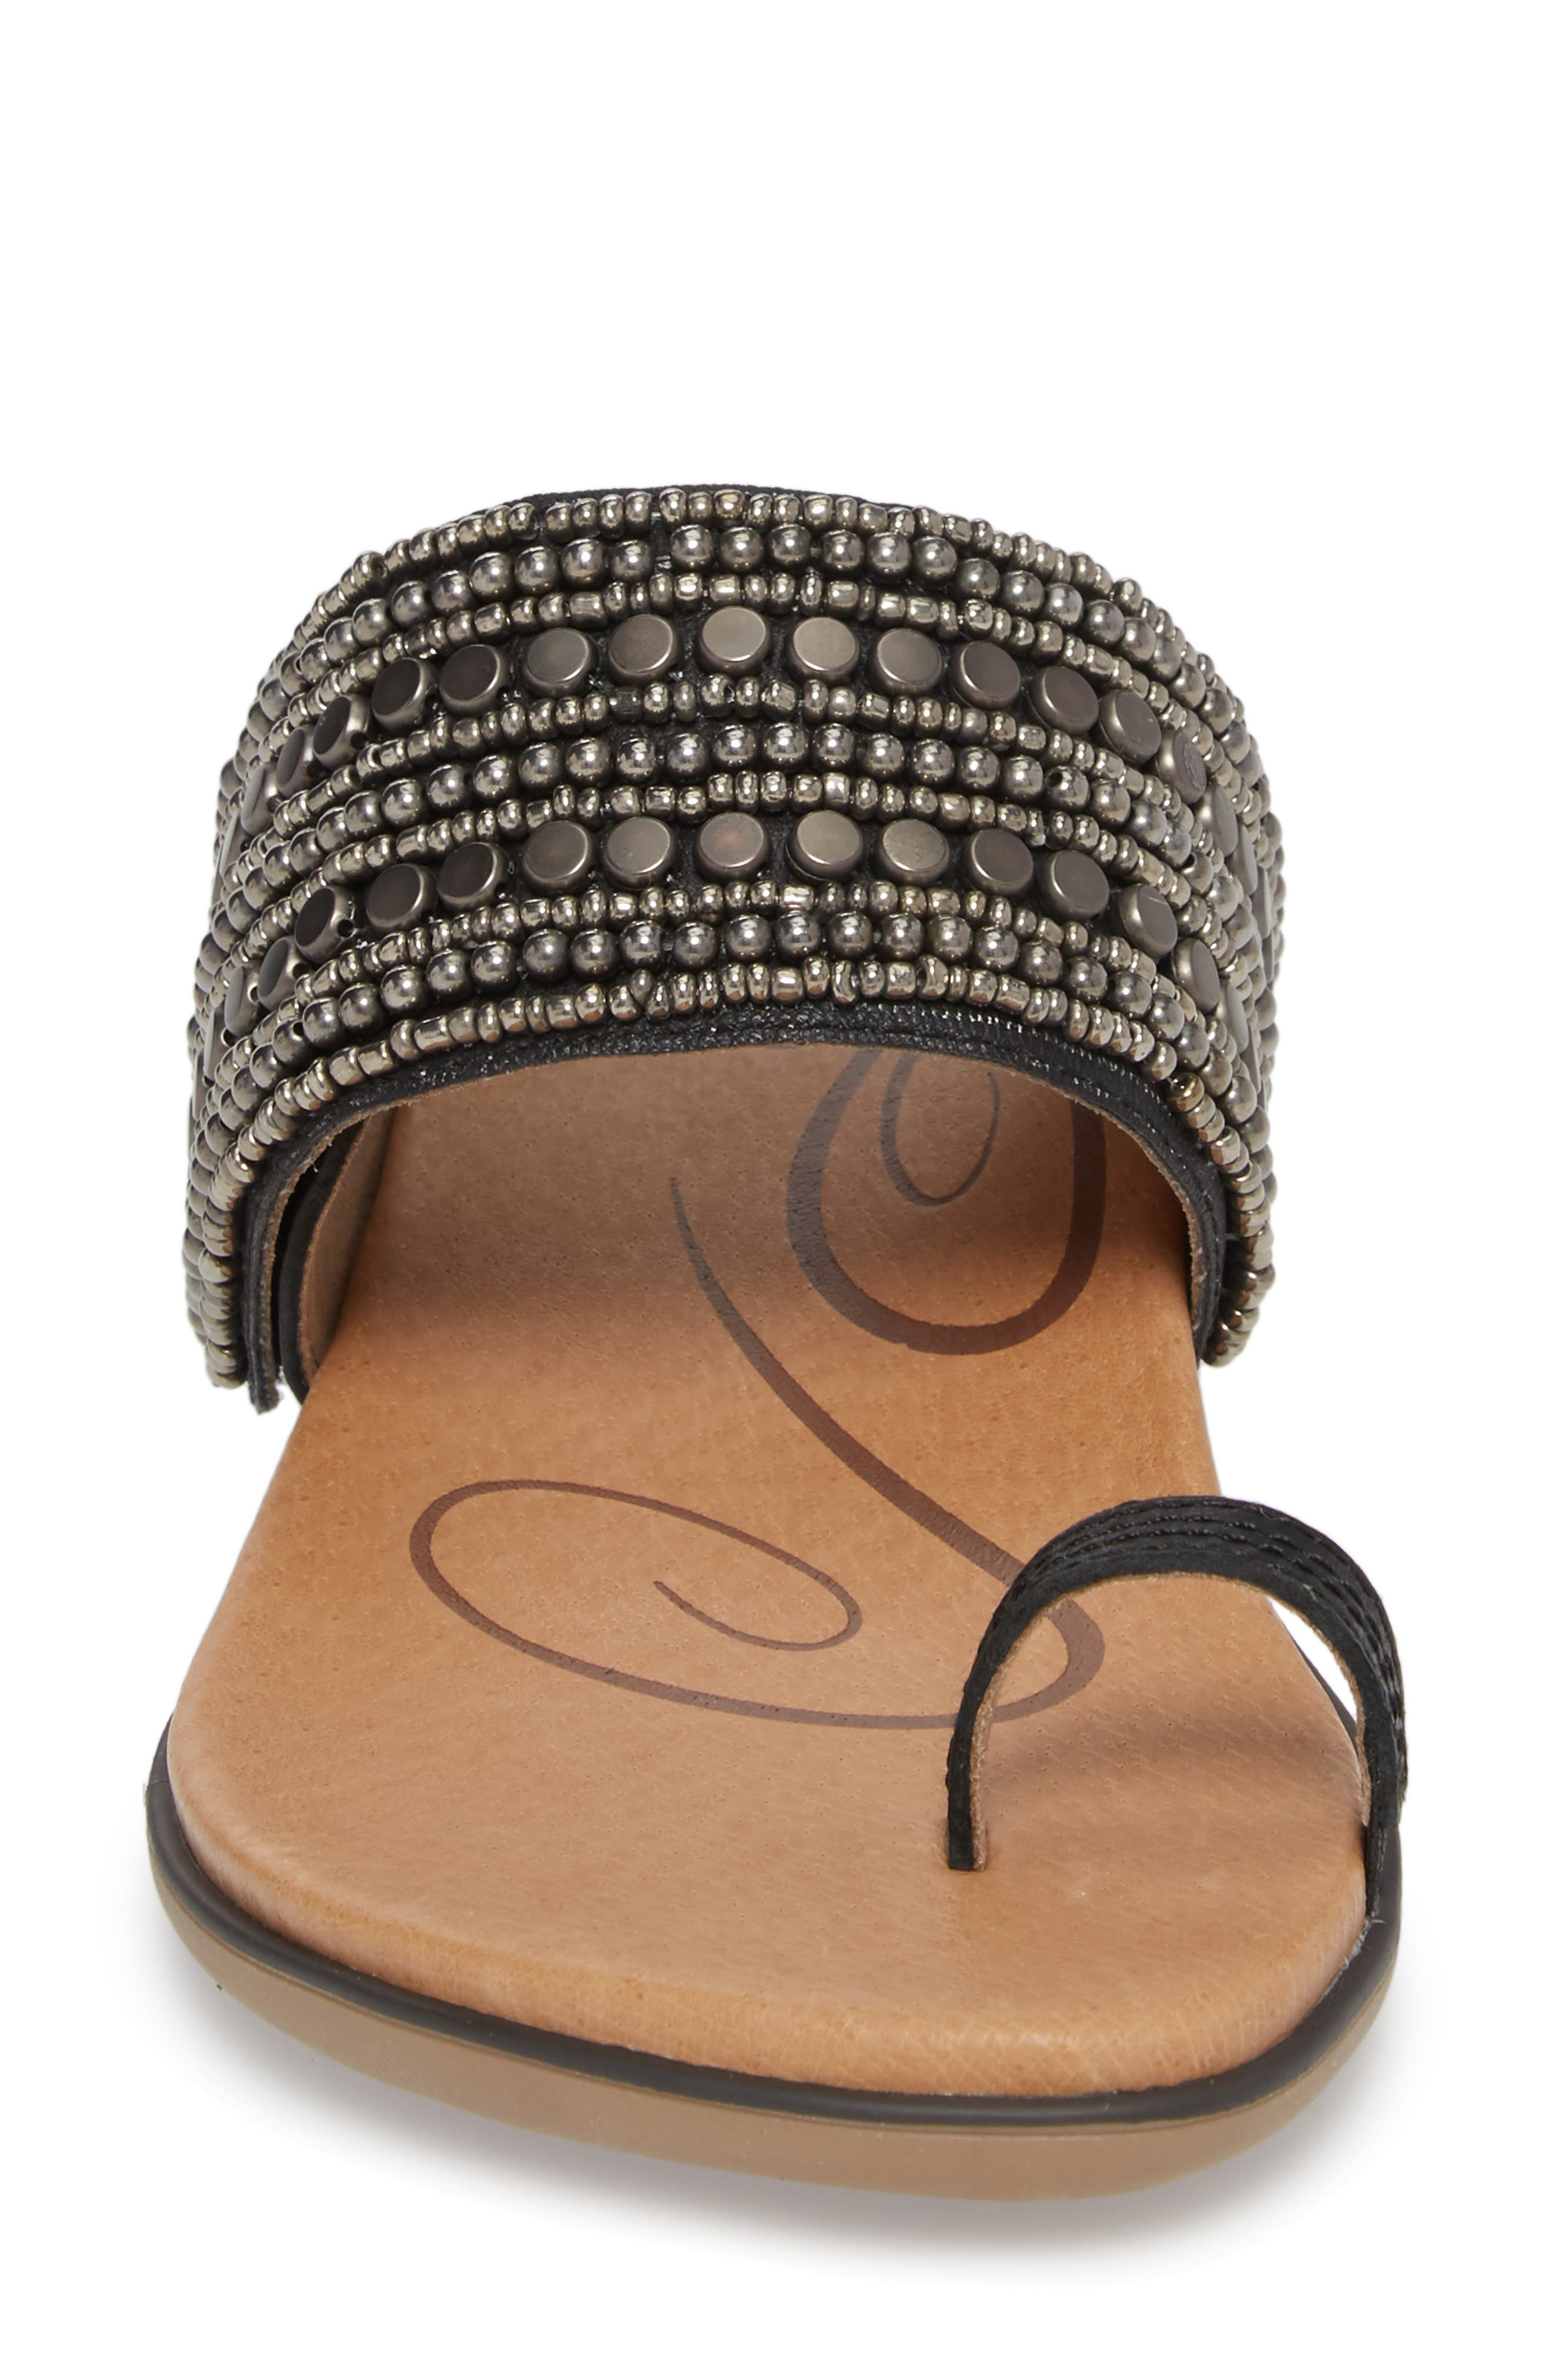 Layla Embellished Slide Sandal,                             Alternate thumbnail 4, color,                             Black Leather